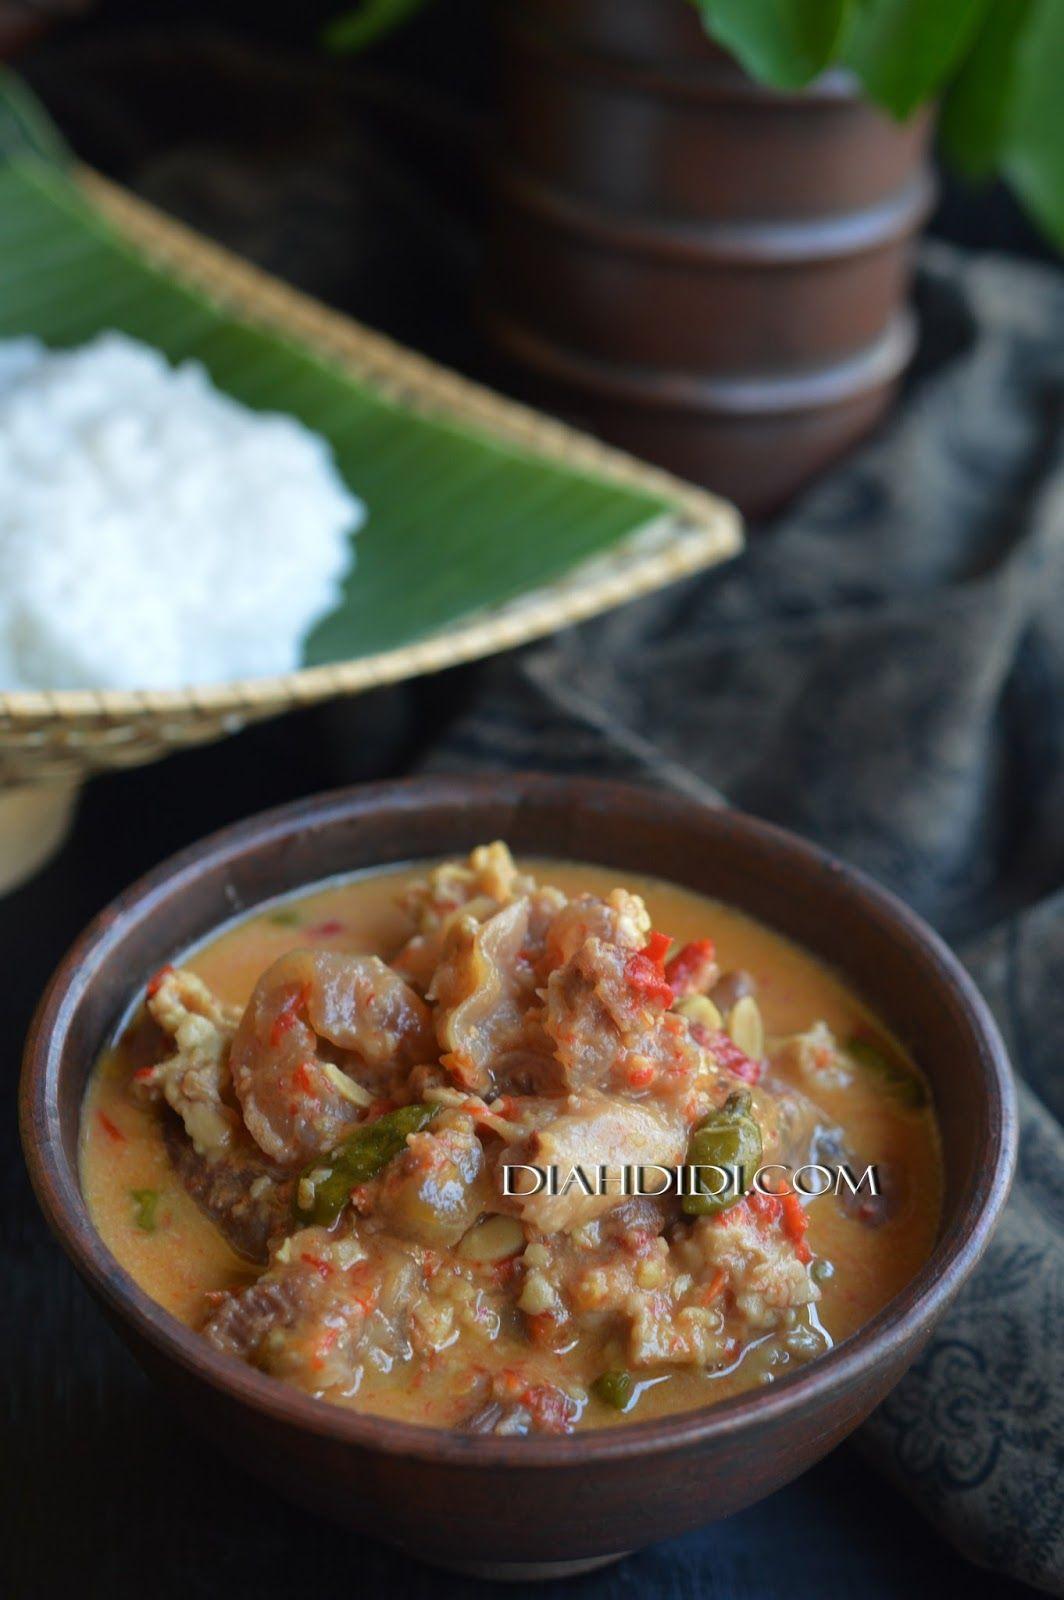 Blog Diah Didi Berisi Resep Masakan Praktis Yang Mudah Dipraktekkan Di Rumah Resep Masakan Makan Malam Masakan